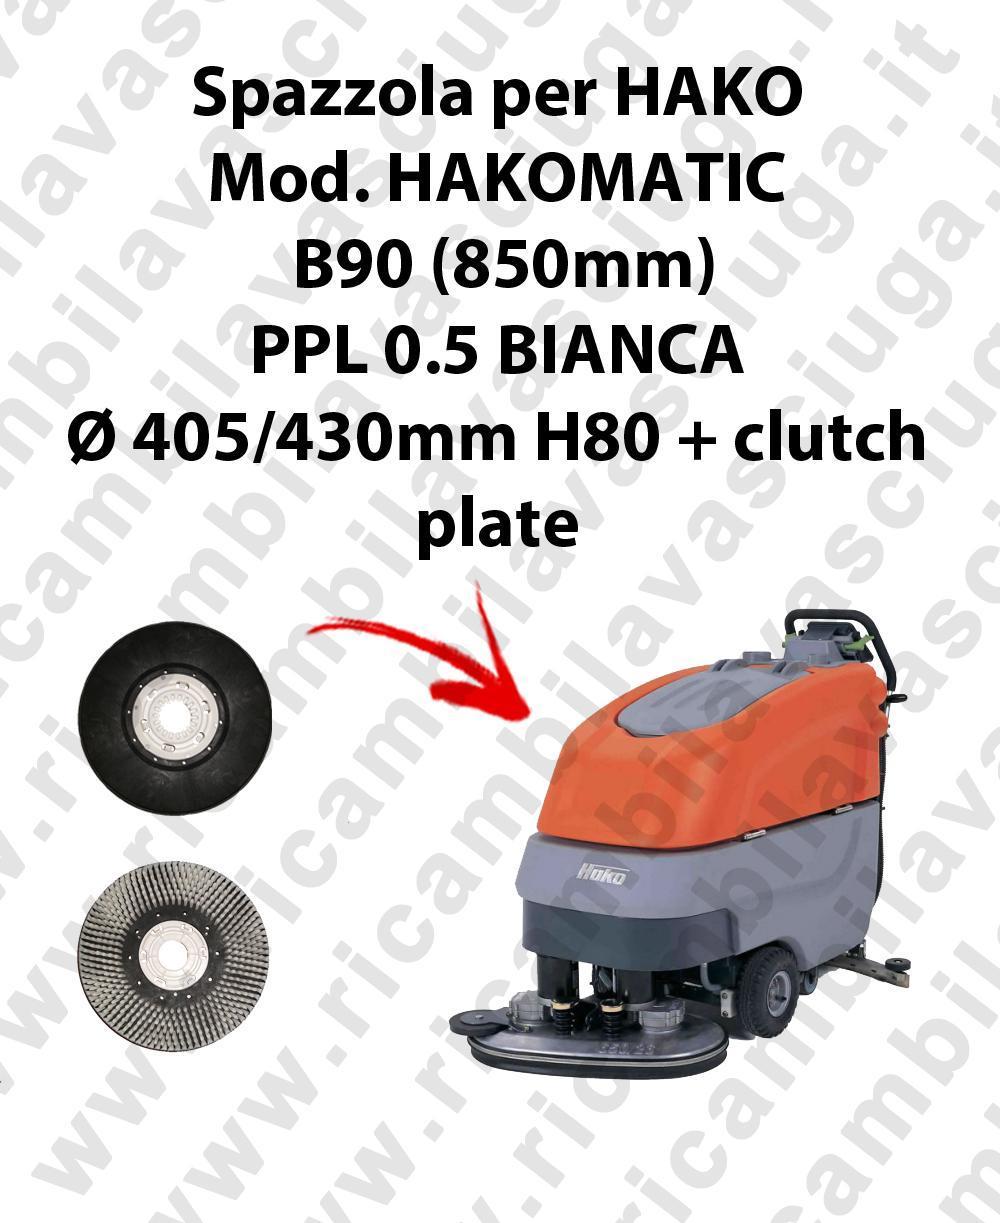 HAKOMATIC B90 CL (850mm) Bürsten für scheuersaugmaschinen HAKO